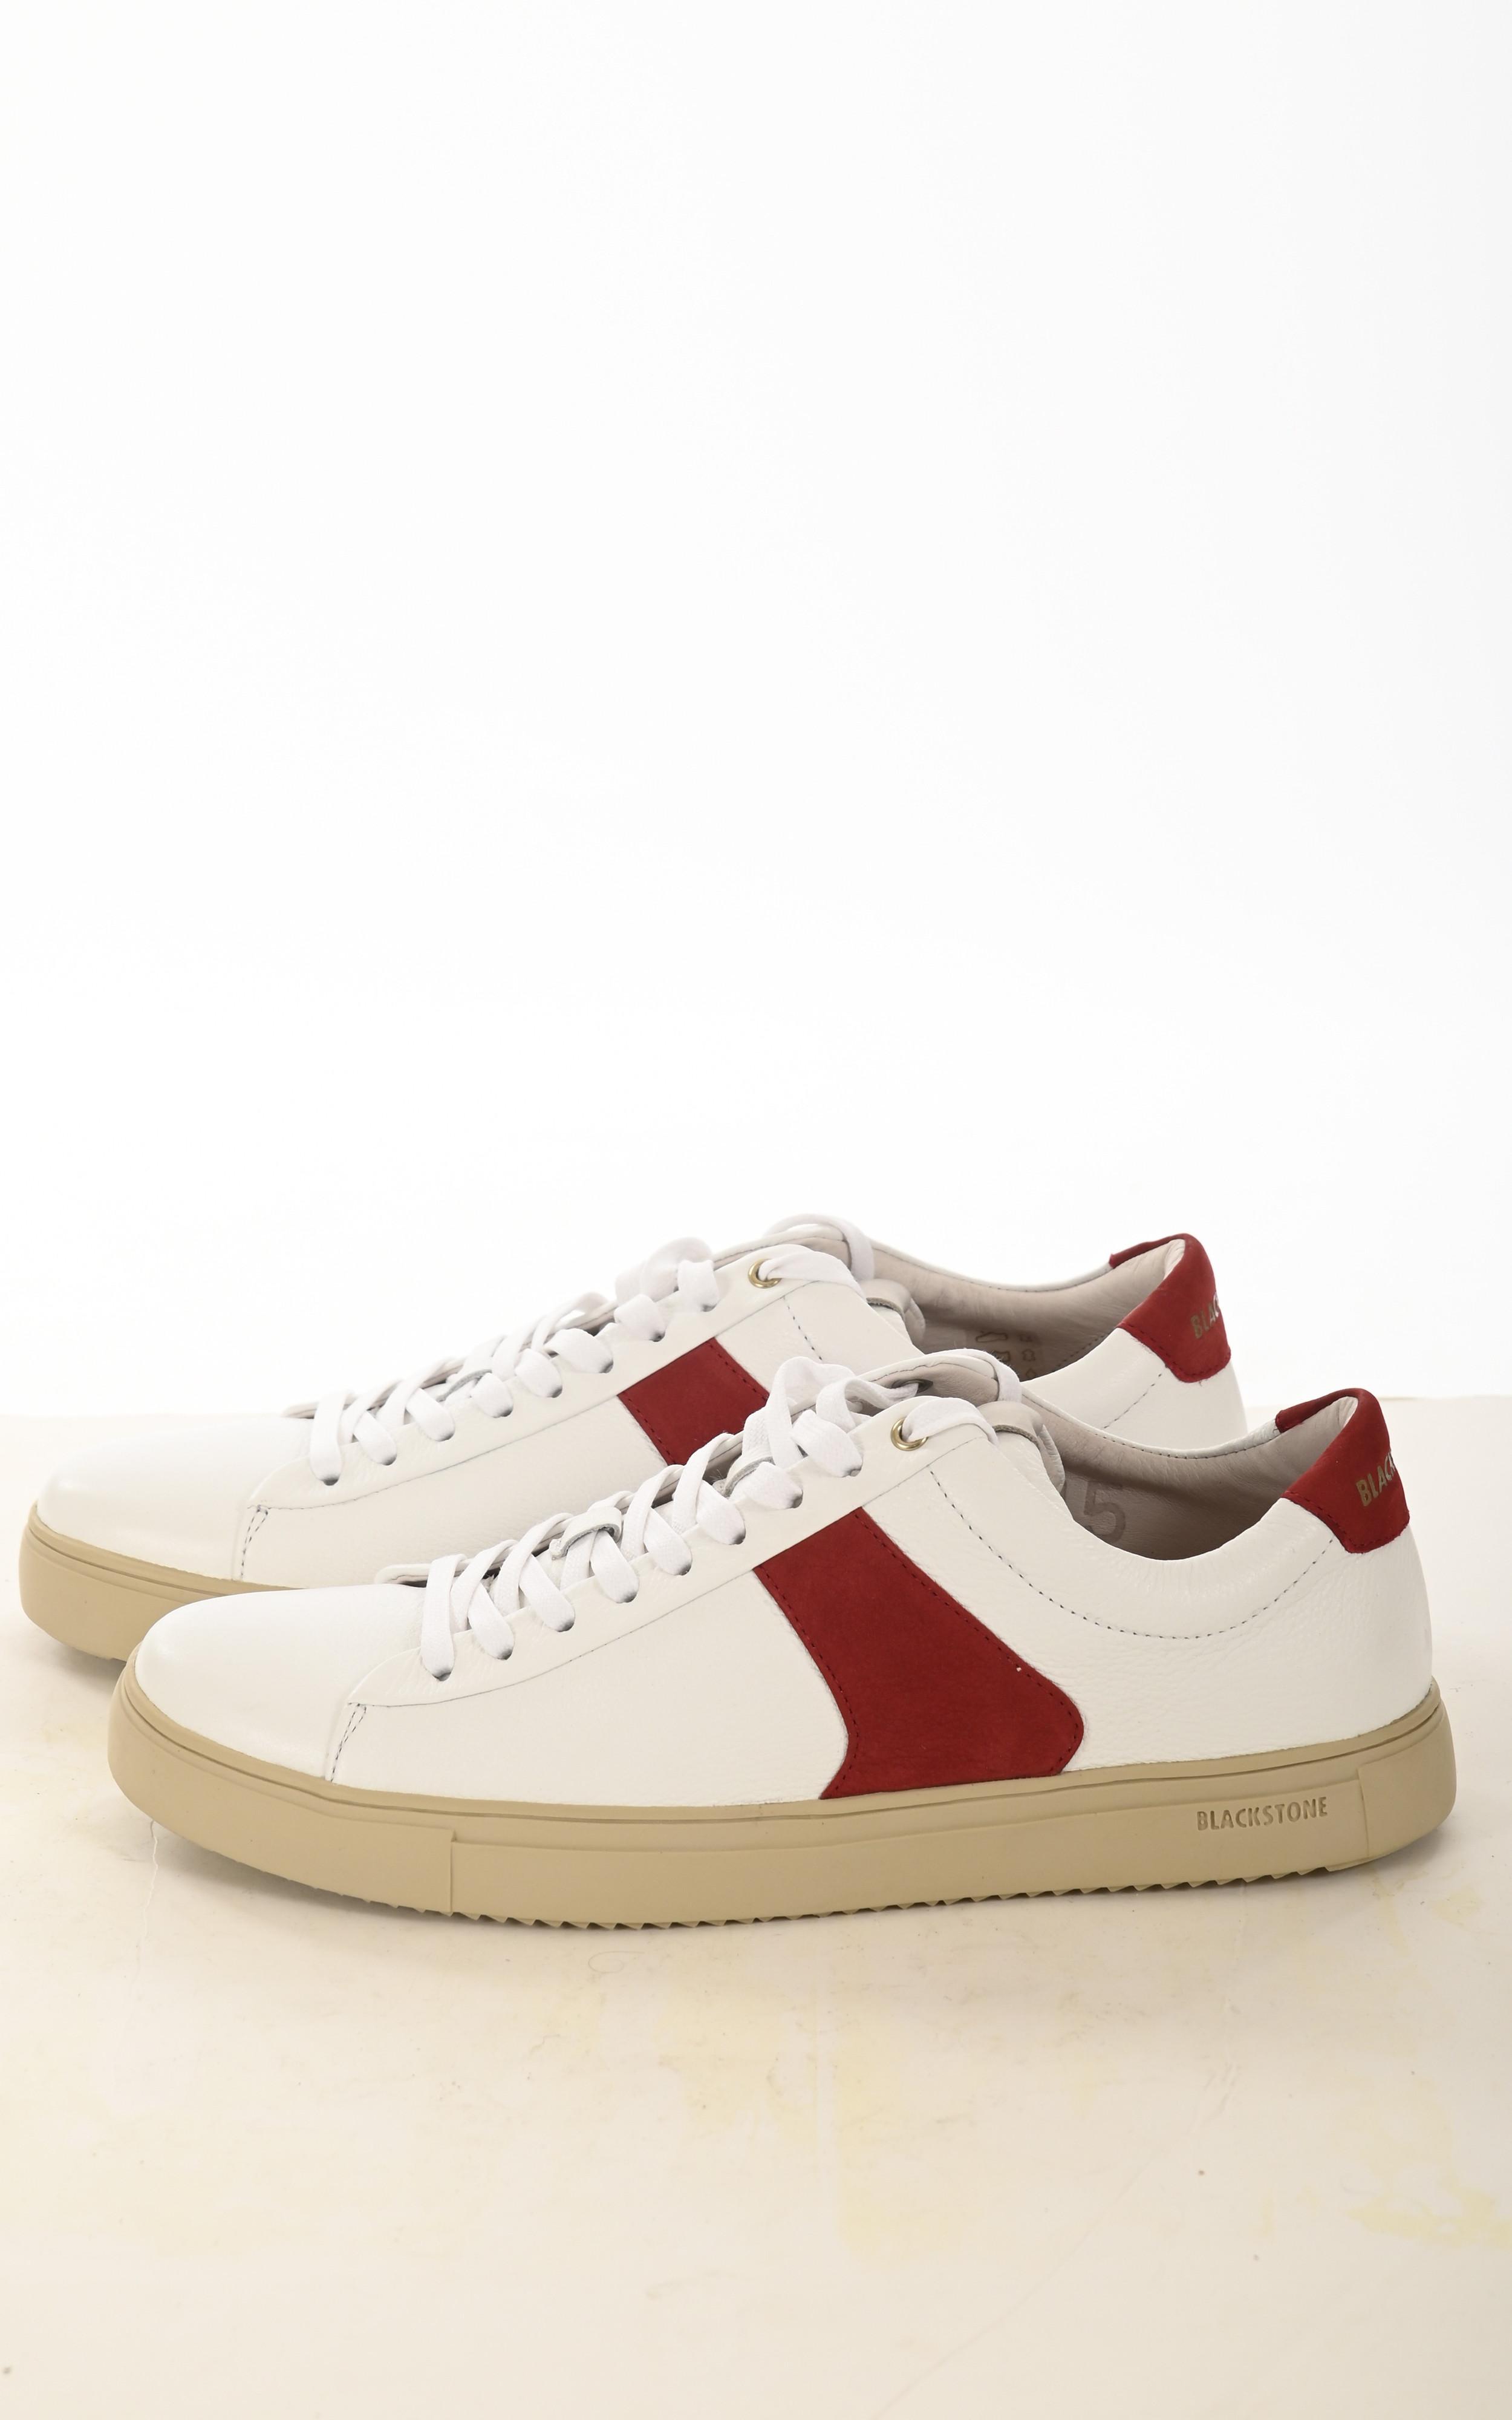 Baskets en cuir blanches et rouge Blackstone